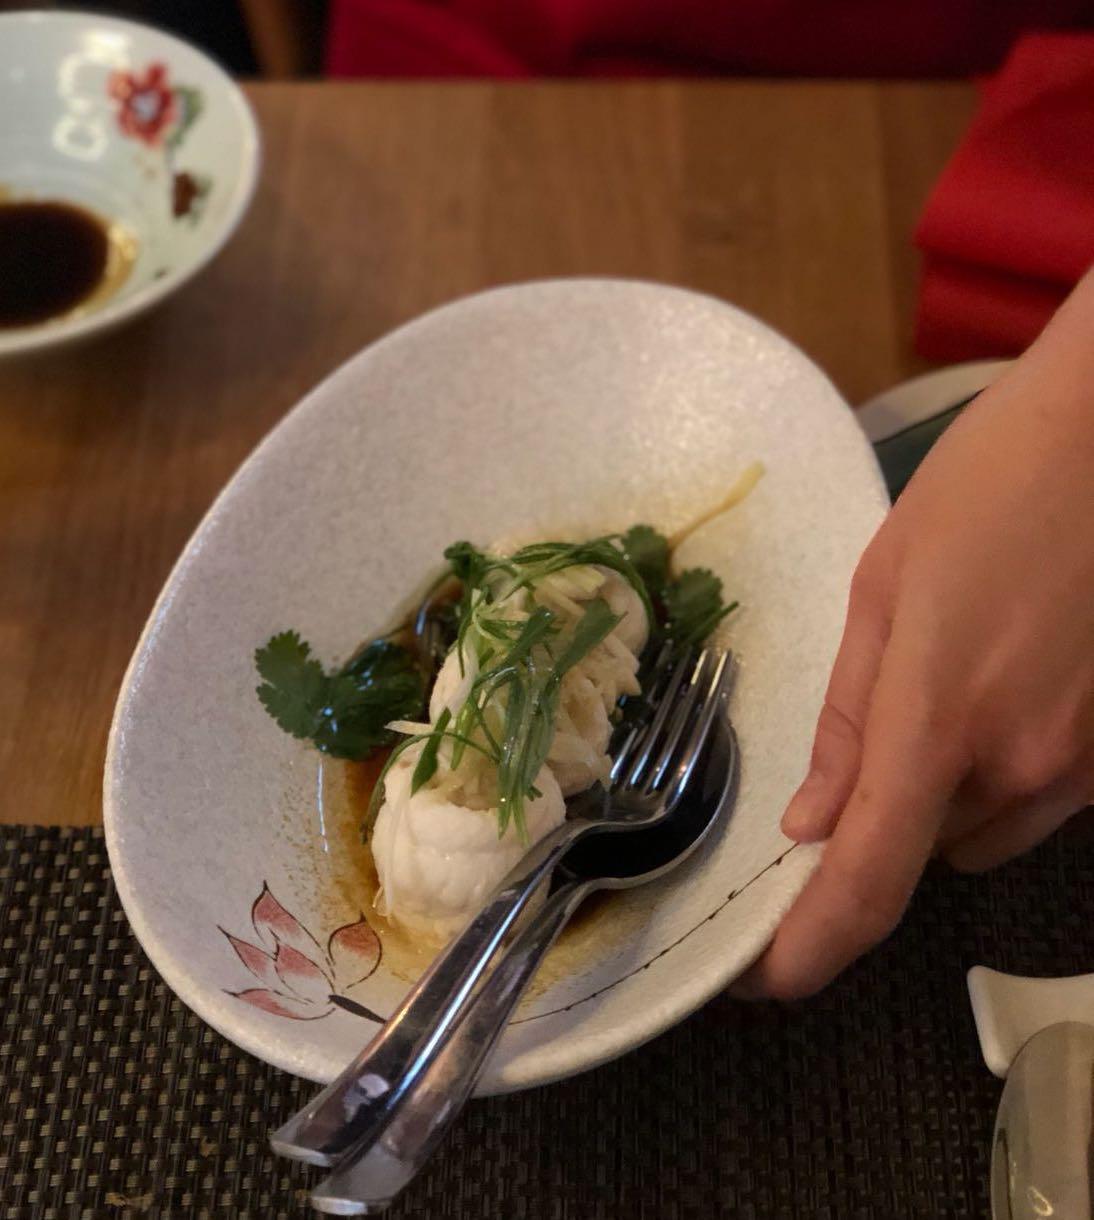 Den Fisch gleich essen - oder mit der Sauce noch etwas anziehen lassen. Foto: Lunchgate/Manu